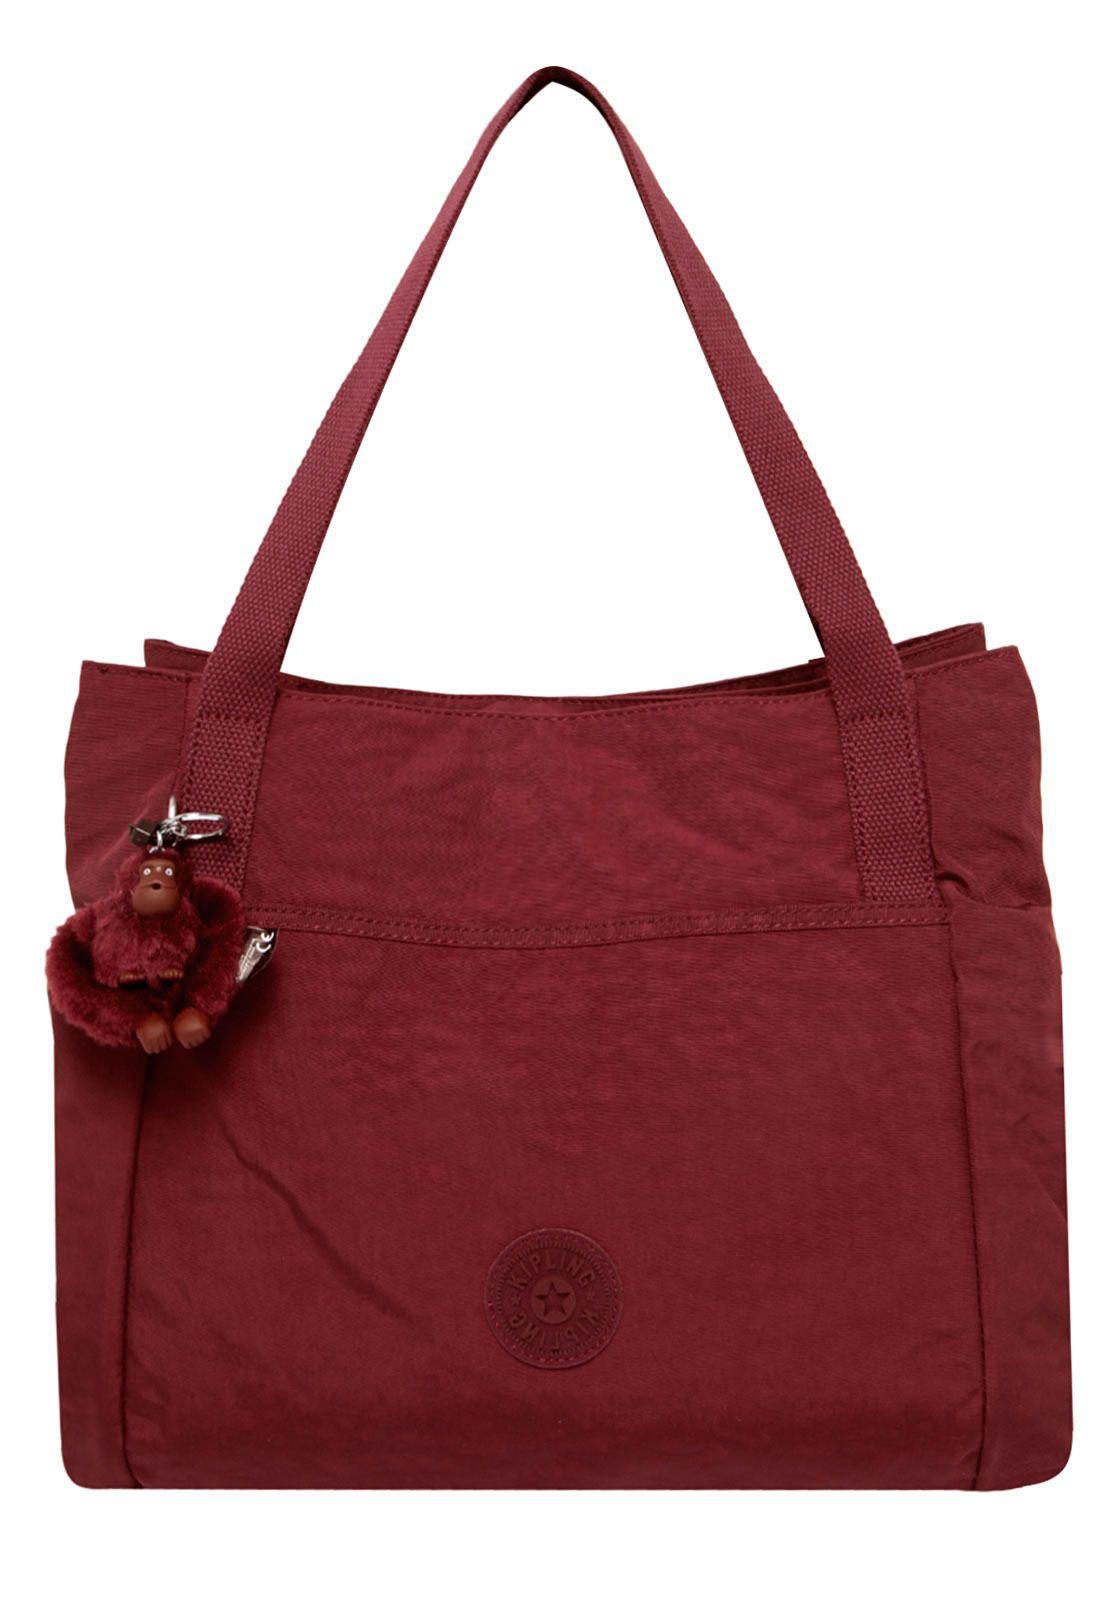 Bolsa Kipling Basic Pravia Crimson Vinho - Compre Agora   Dafiti Brasil 0427f18471